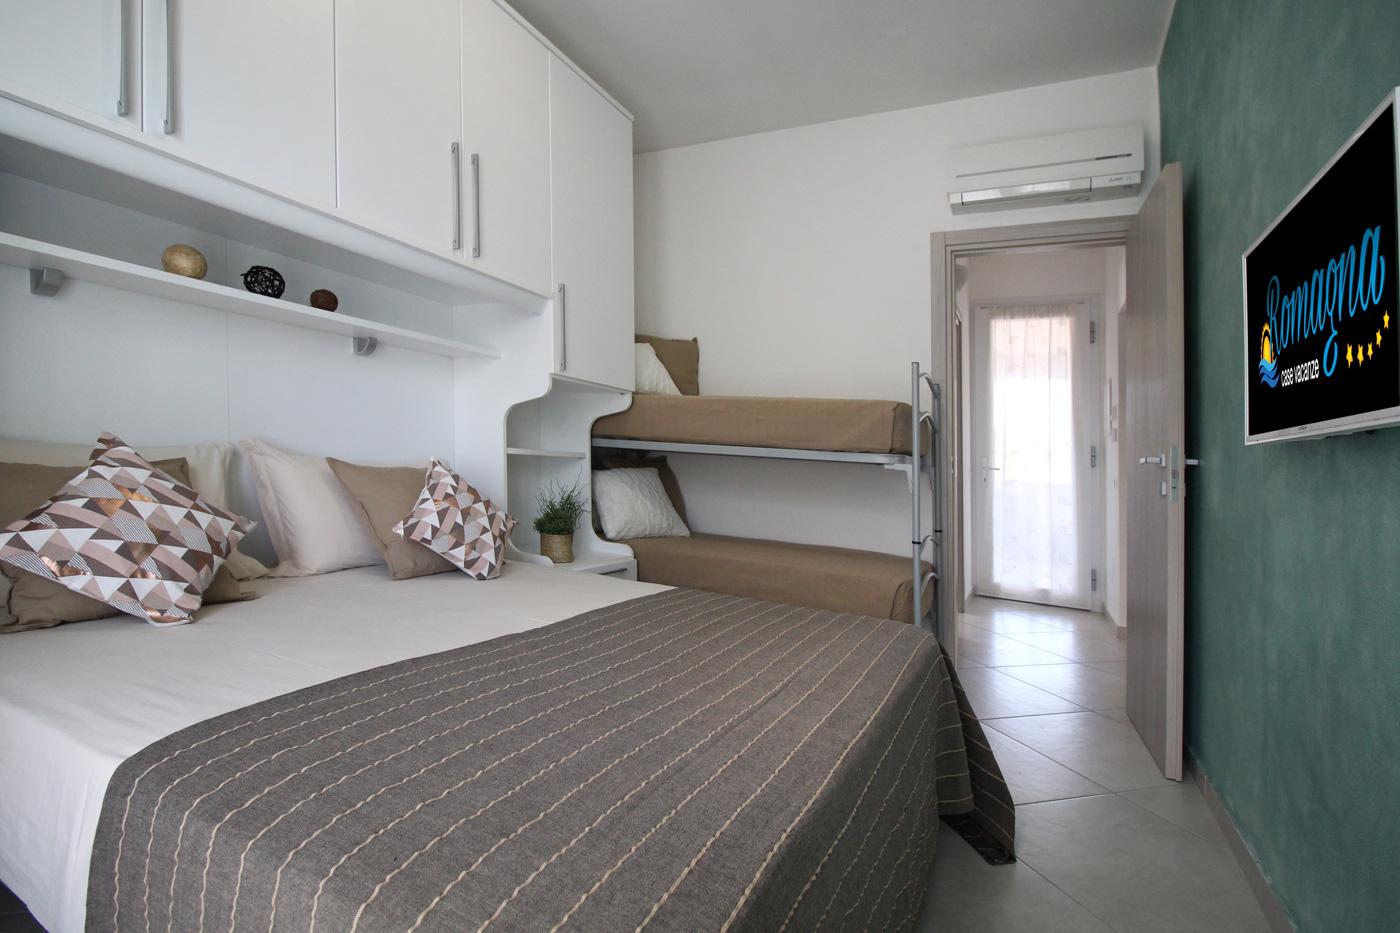 Appartamento Sofia_Romagna case vacanze_Gatteo mare_San mauro_9723_2